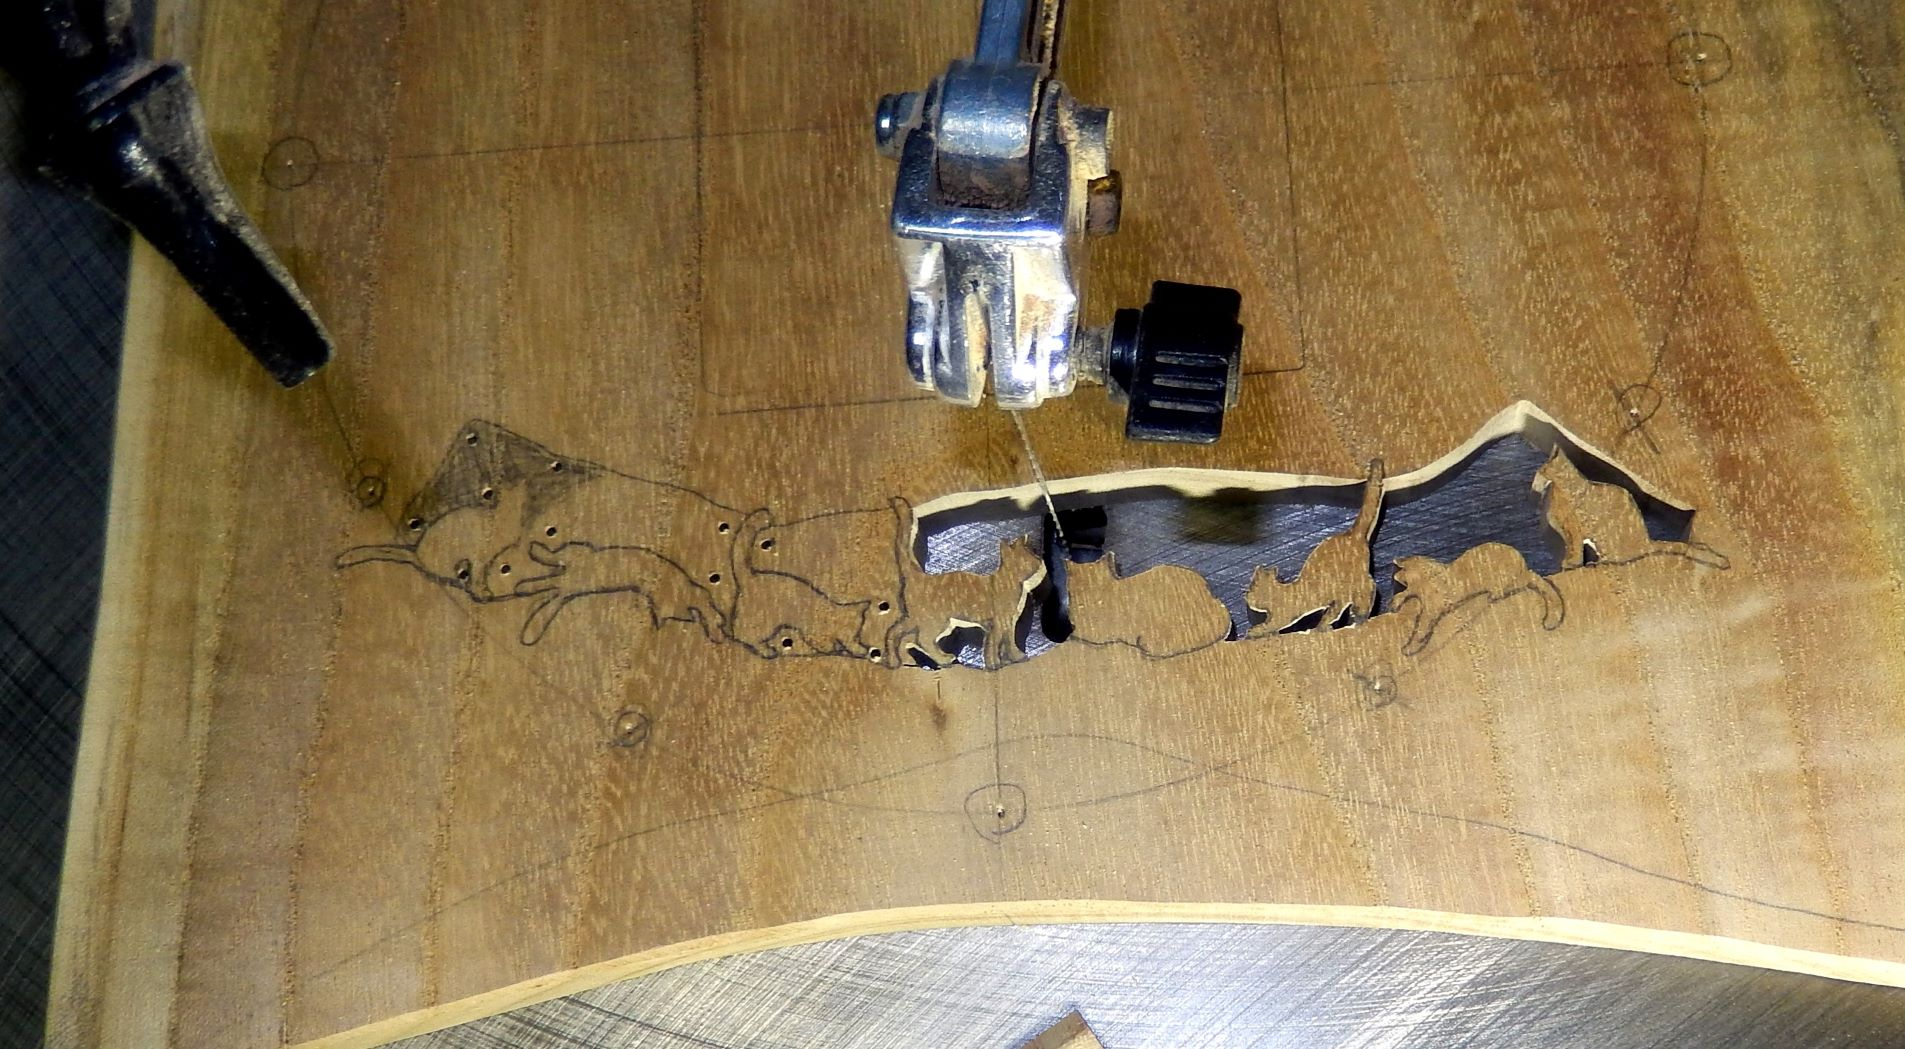 糸のこ盤作業の写真です